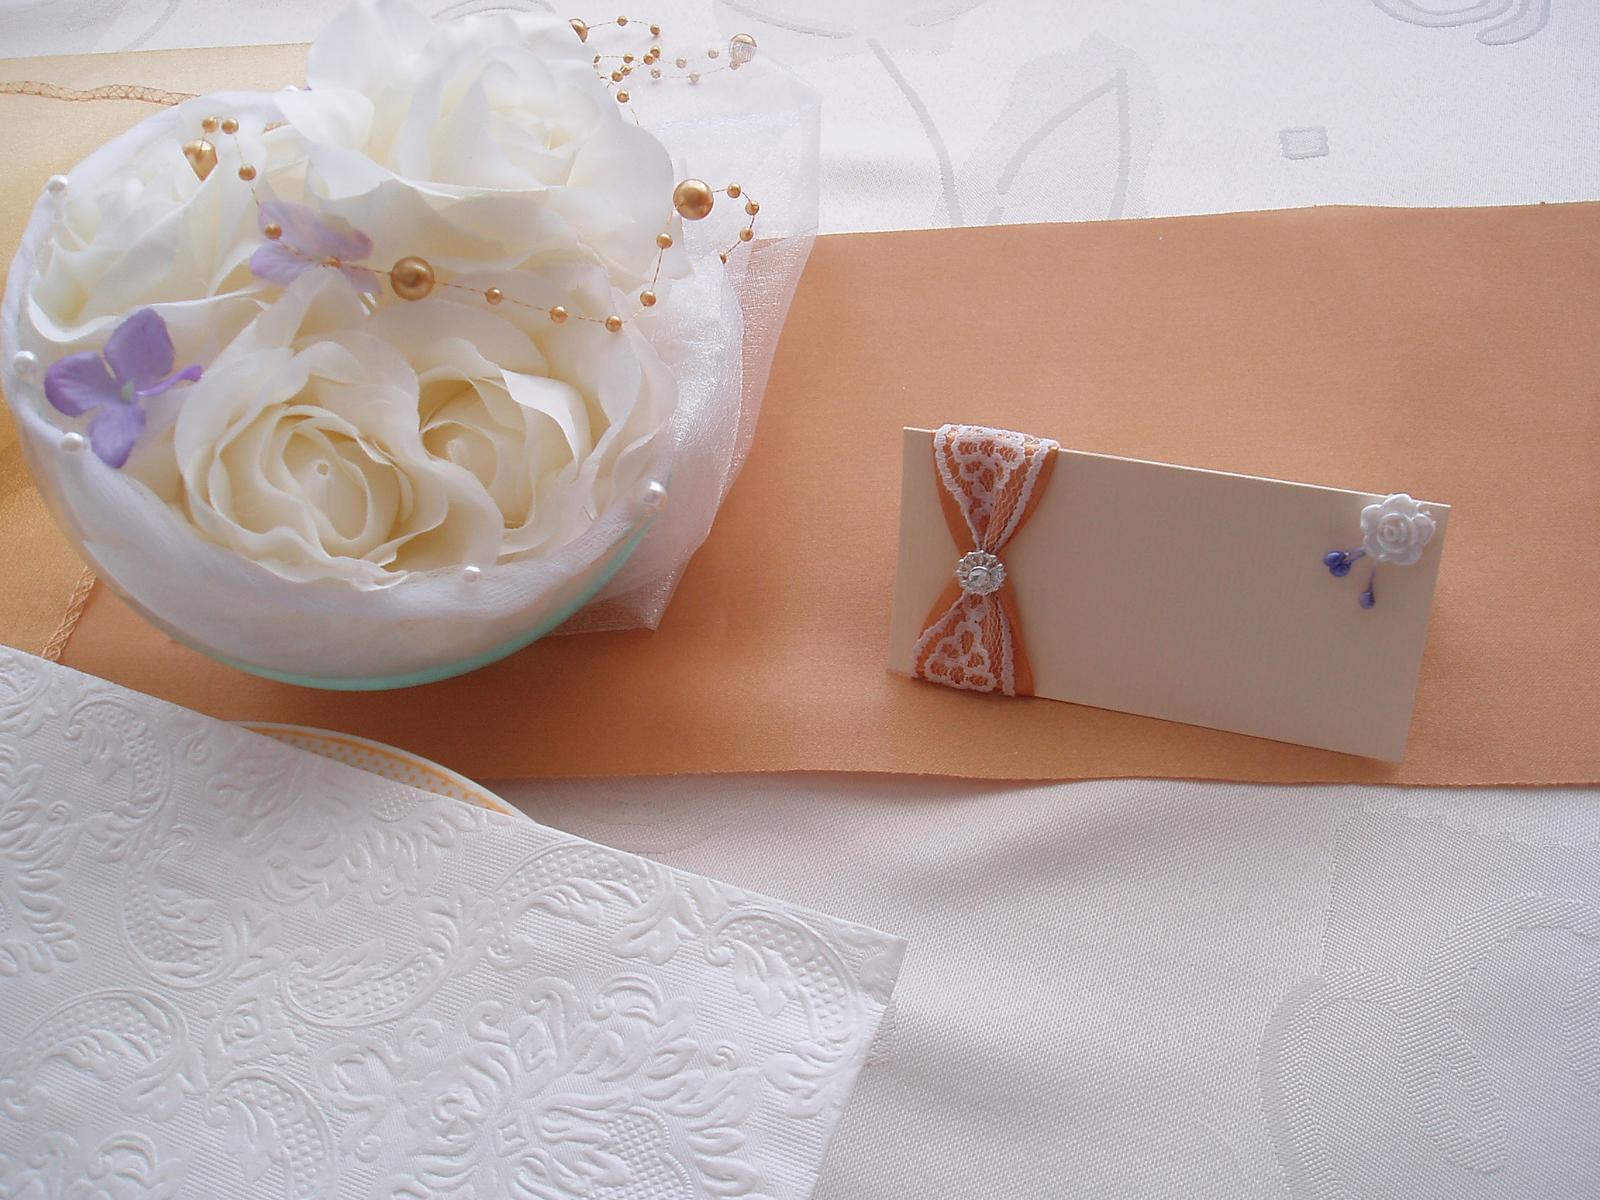 jmenovka zlatá s lila 3 - Obrázek č. 1